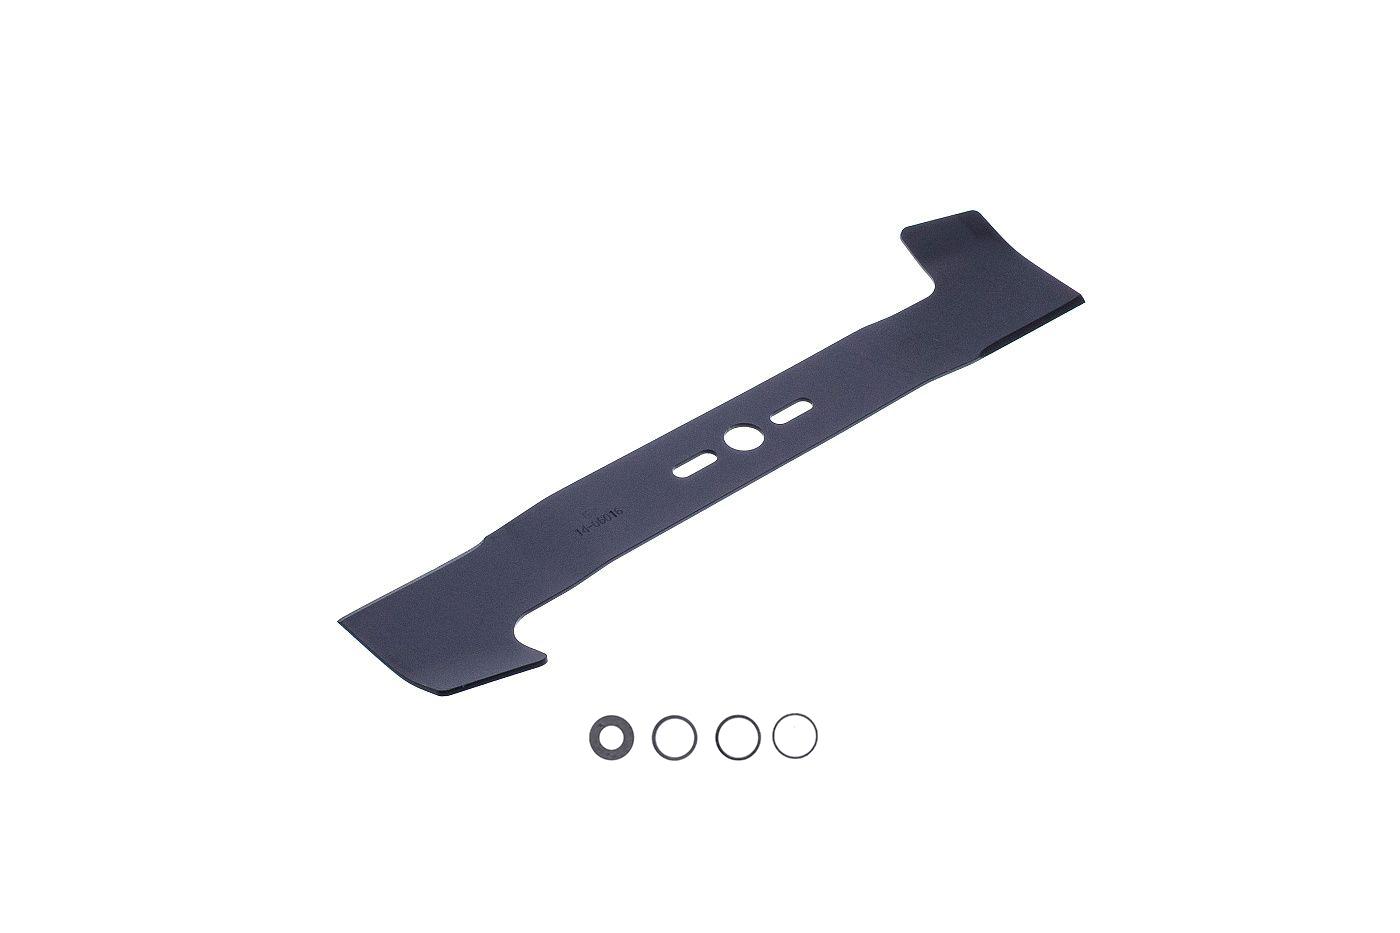 Nôž univerzalny se sběrem 18 cali 45,7cm